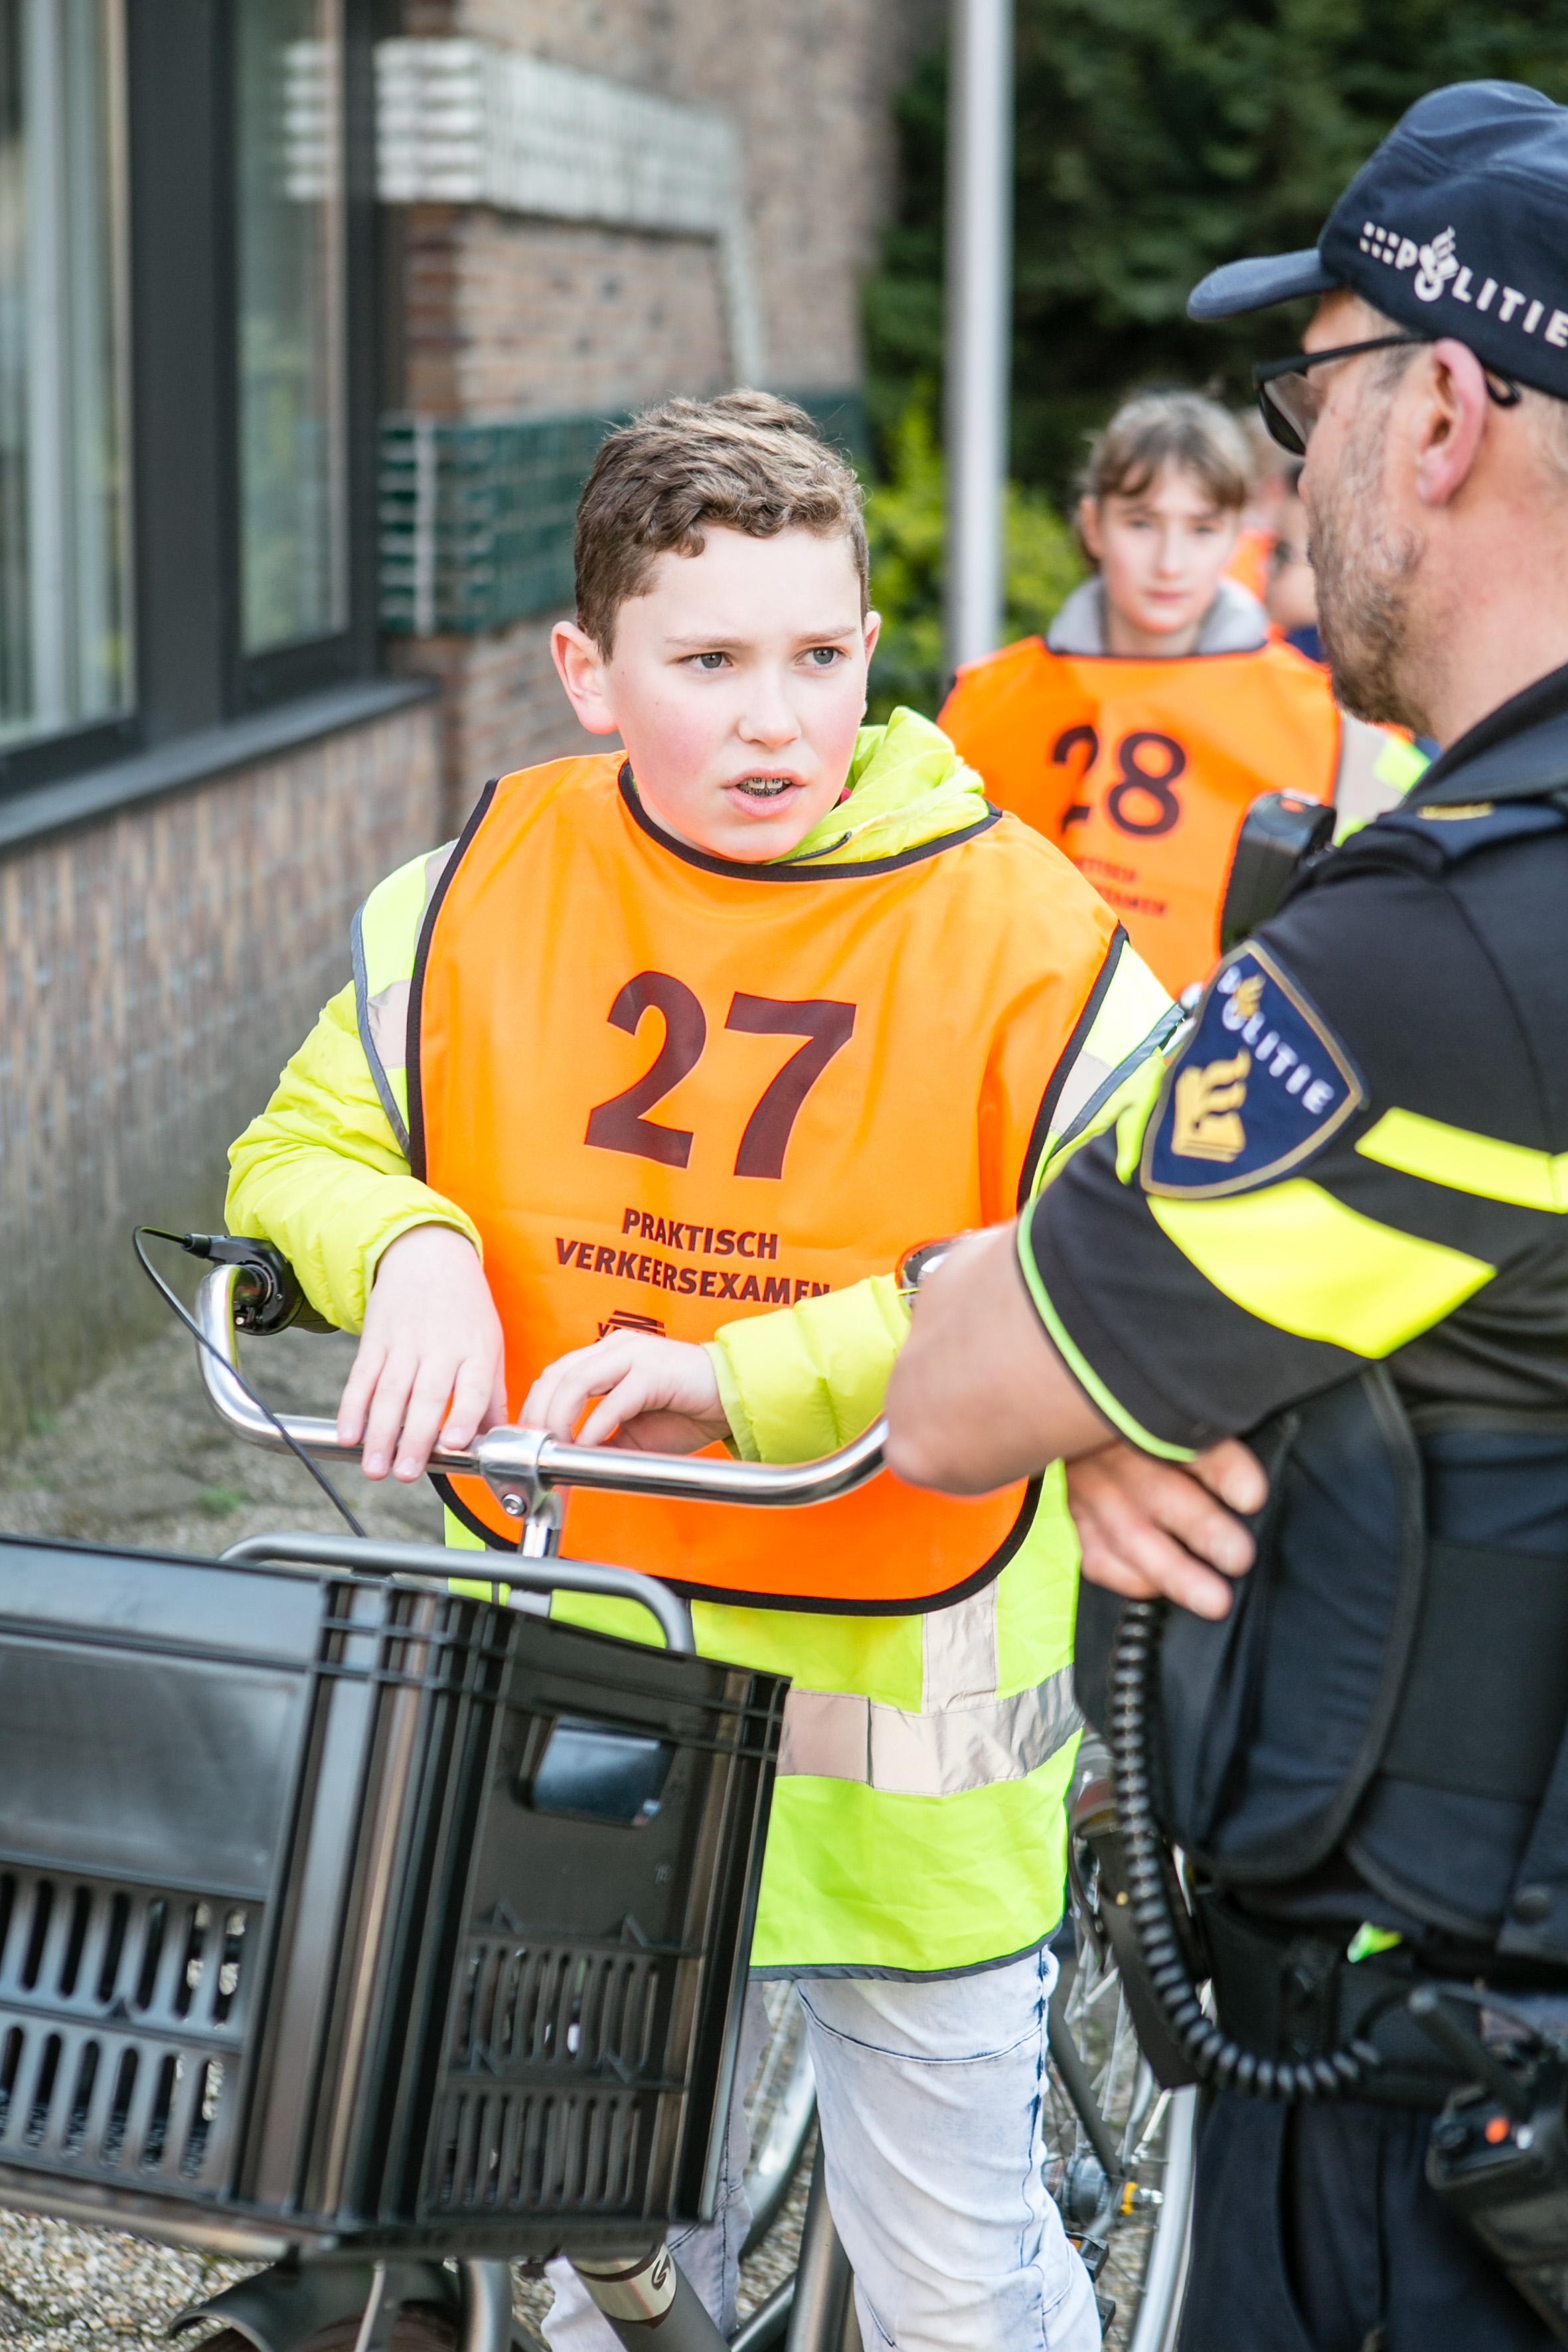 verkeersexamen foto eric van nieuwland 075549